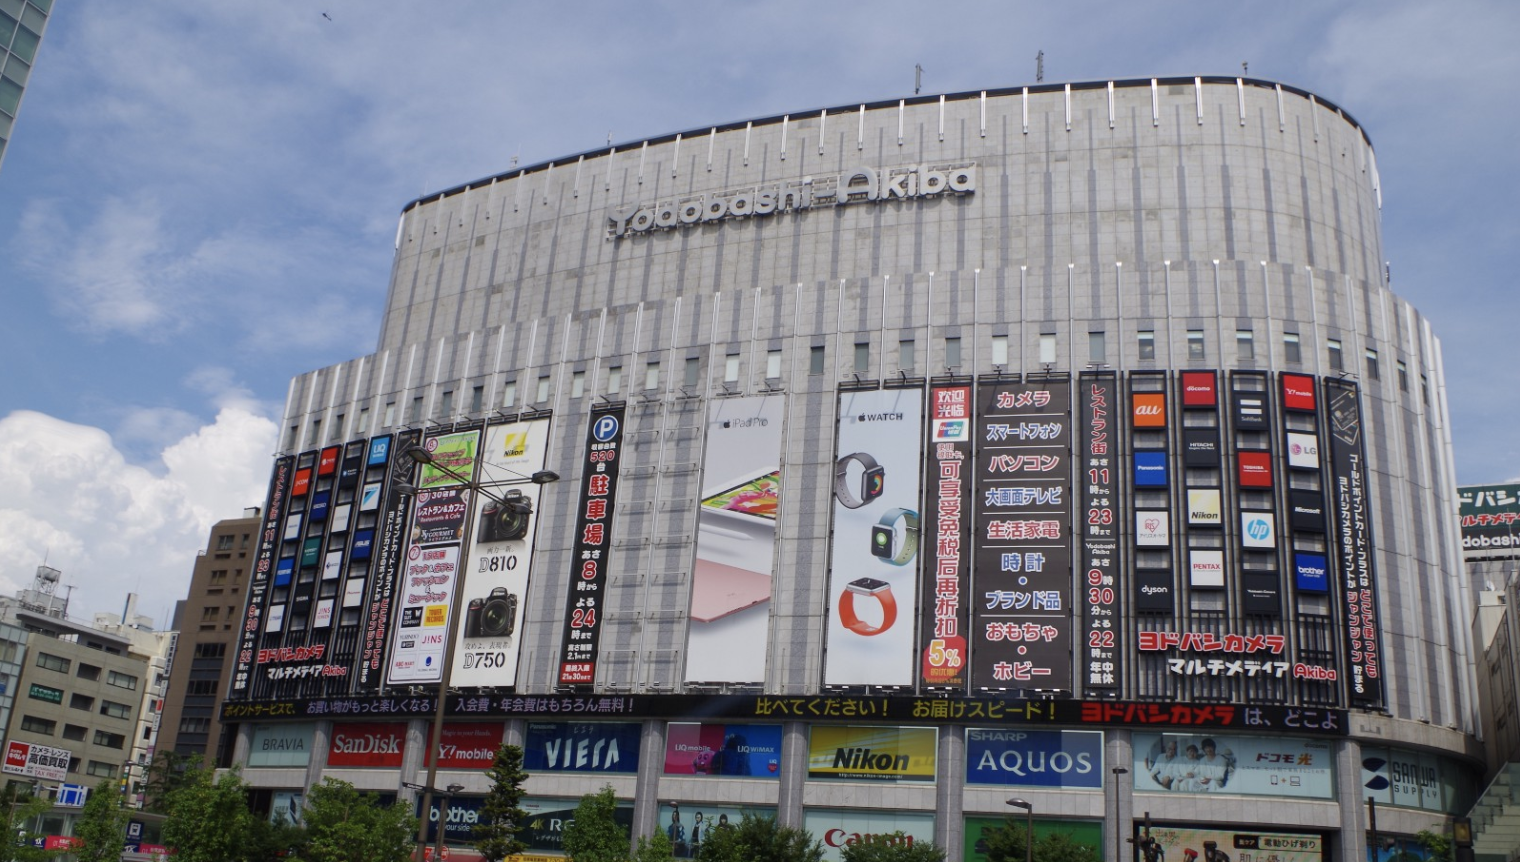 Yodobashi-Akiba: Largest Electronics Store in Akihabara - Japan Web Magazine